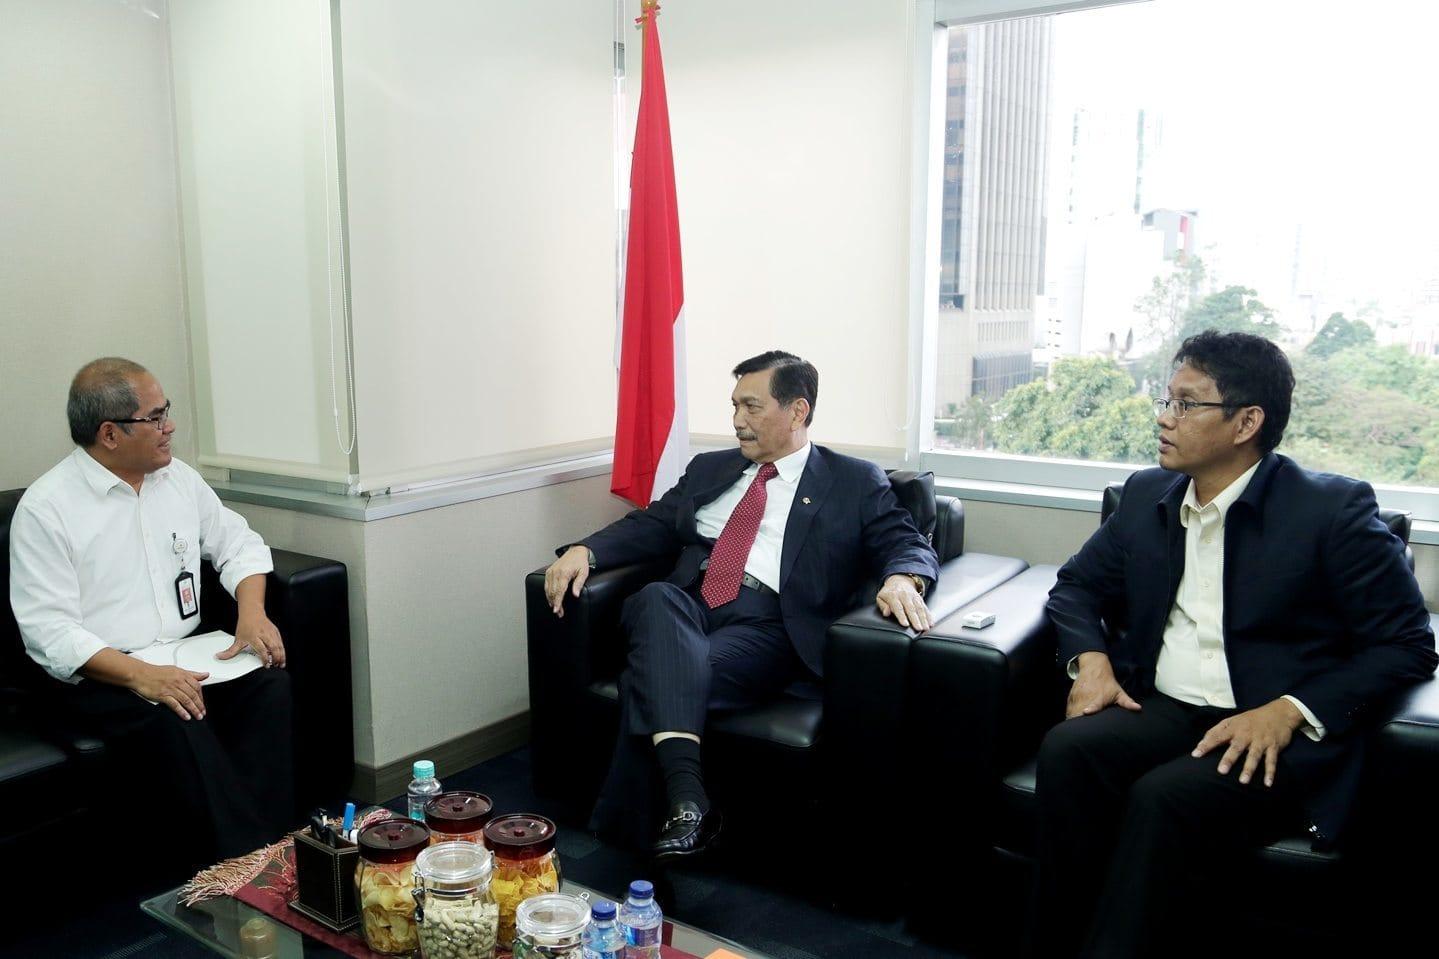 Menko Maritim Luhut B. Pandjaitan menerima kunjungan Kepala SKK Migas Amien Sunaryadi di Kantor Kemenko Maritim Jakarta (16/8).